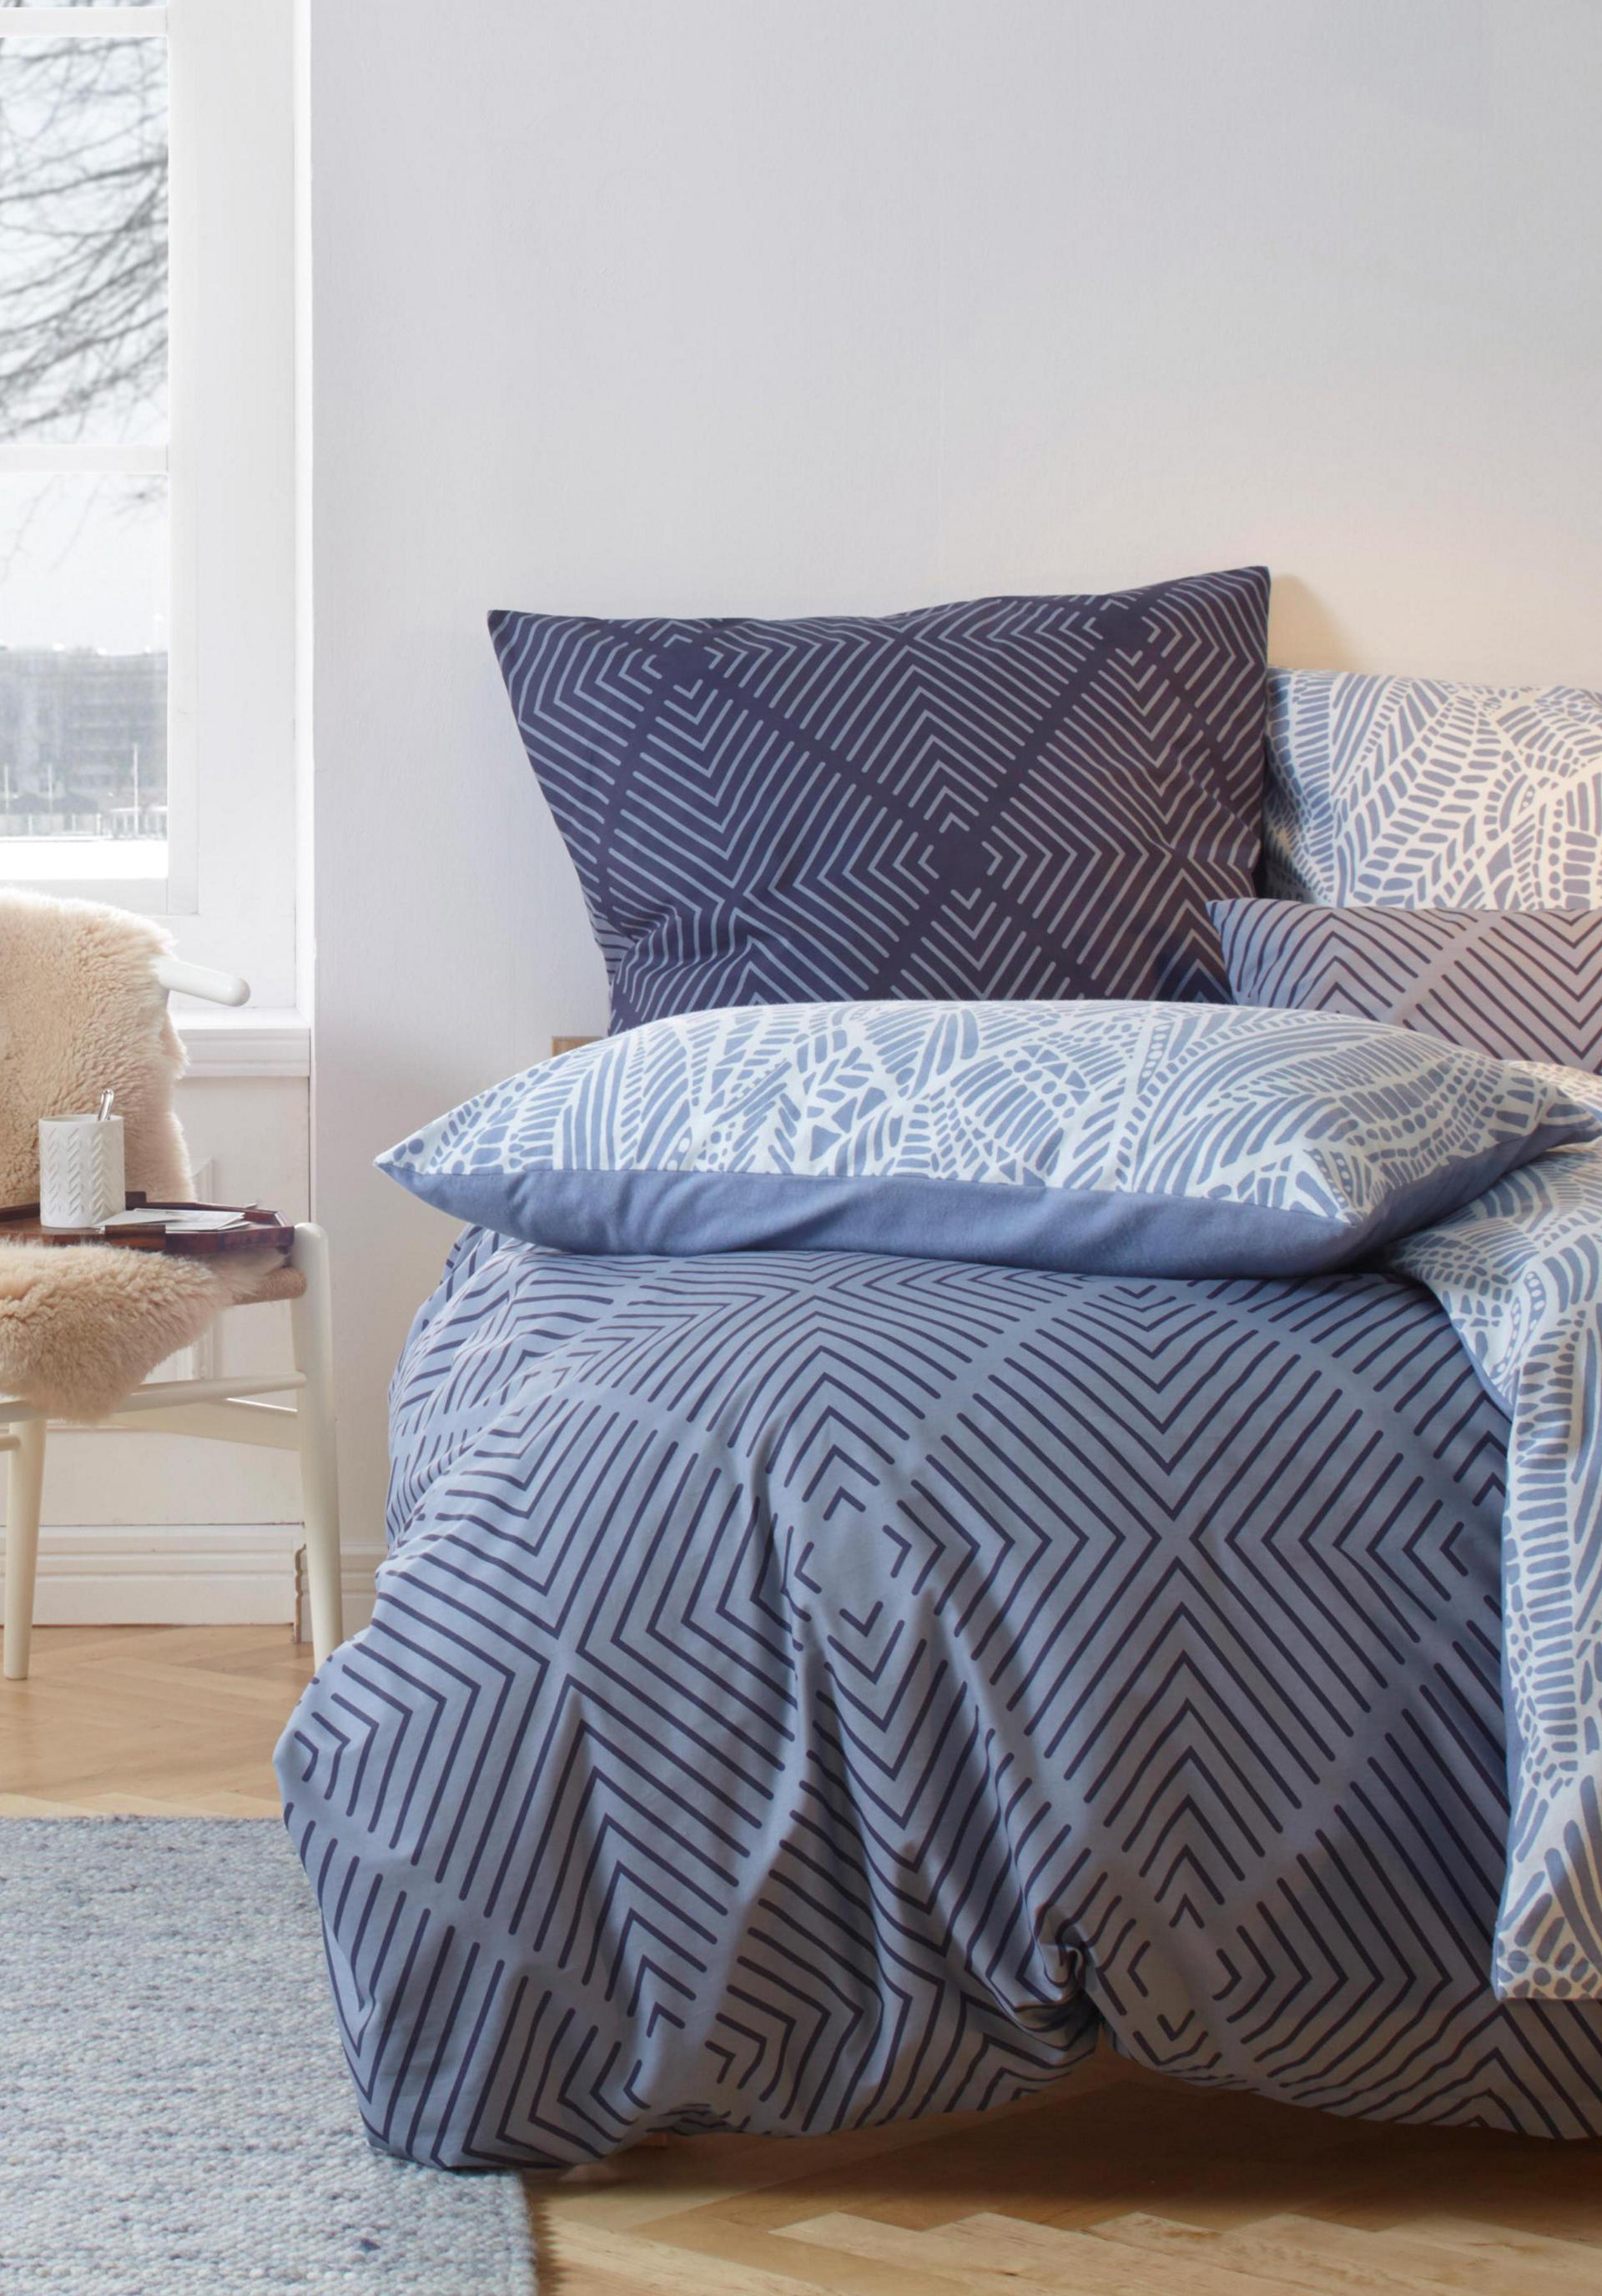 renforc wende bettw sche akira aus reiner bio baumwolle hessnatur sterreich. Black Bedroom Furniture Sets. Home Design Ideas